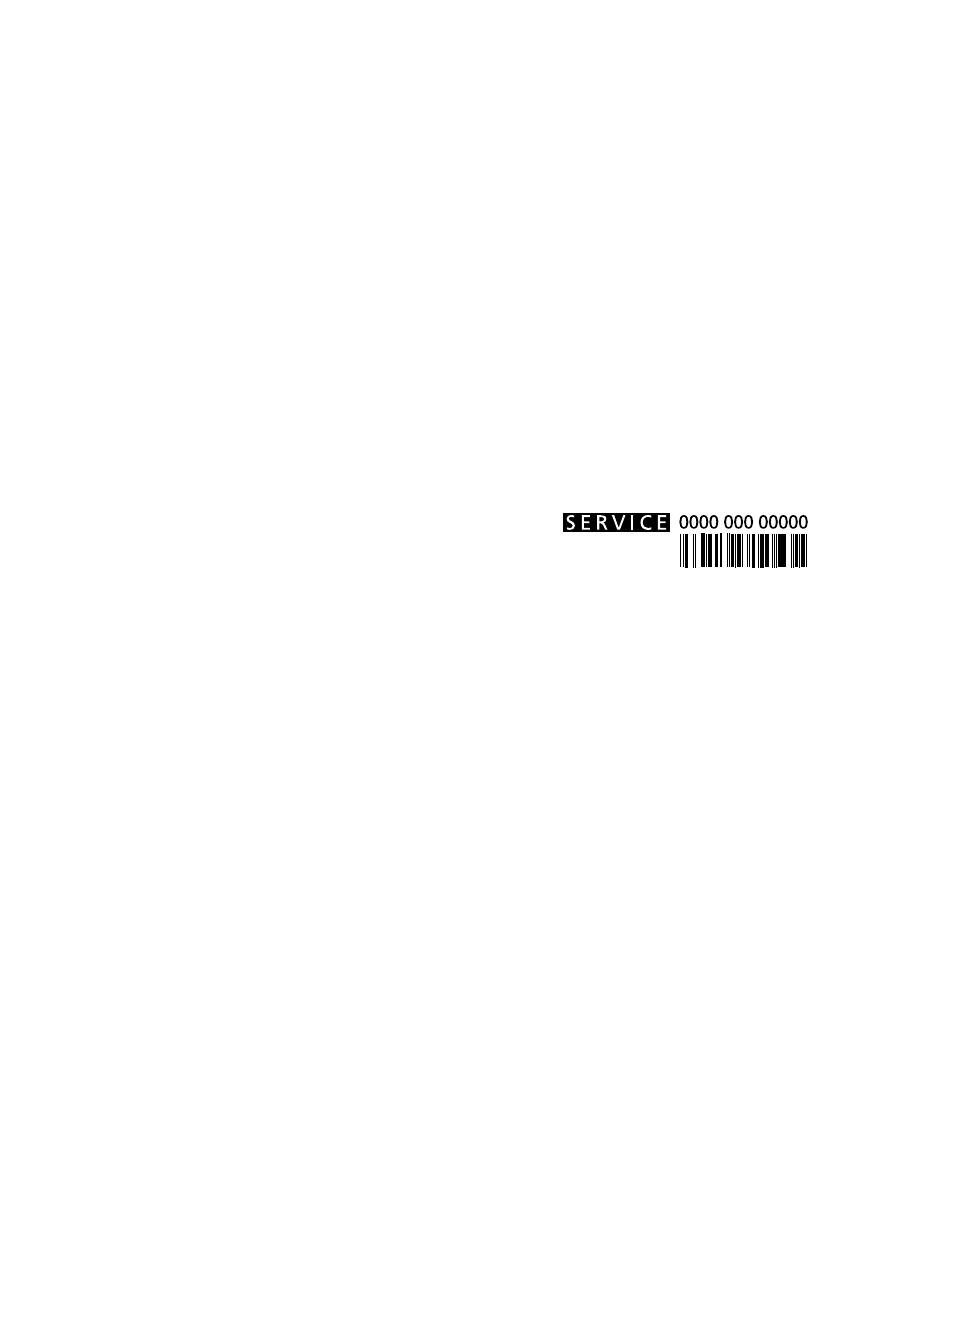 diagnostic rapide / service après-vente   whirlpool awz 3309 manuel